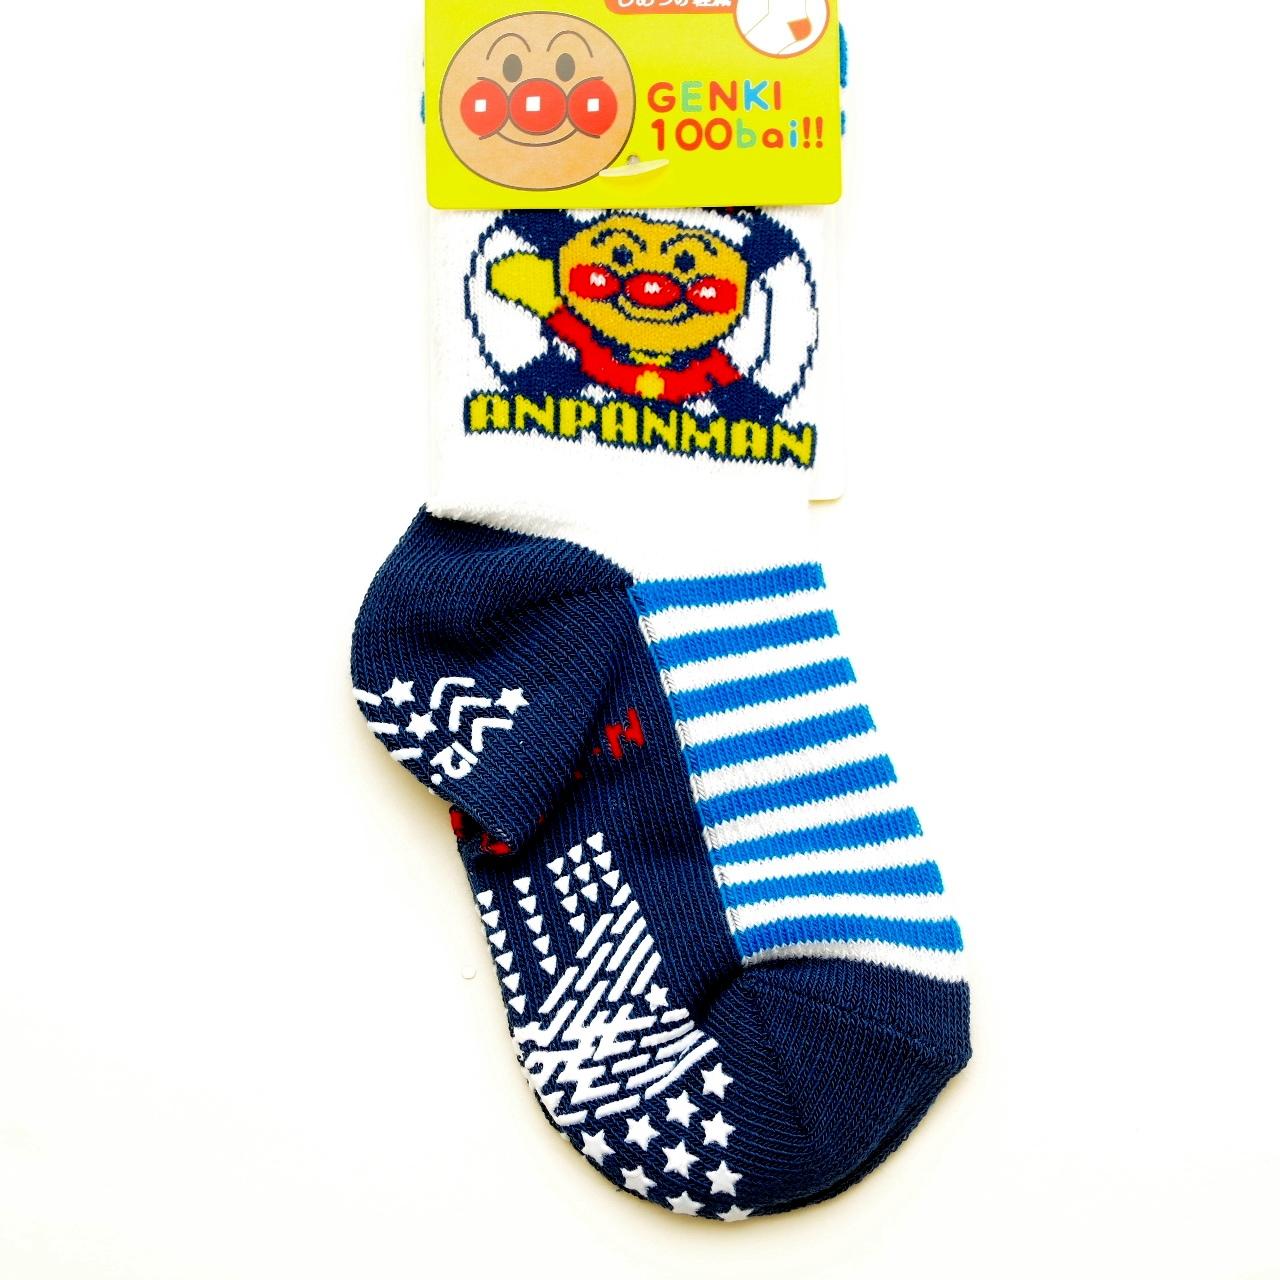 アンパンマン ソックス・靴下 スベリ止メ付き 9-12/12-15cm(1871-182-740)